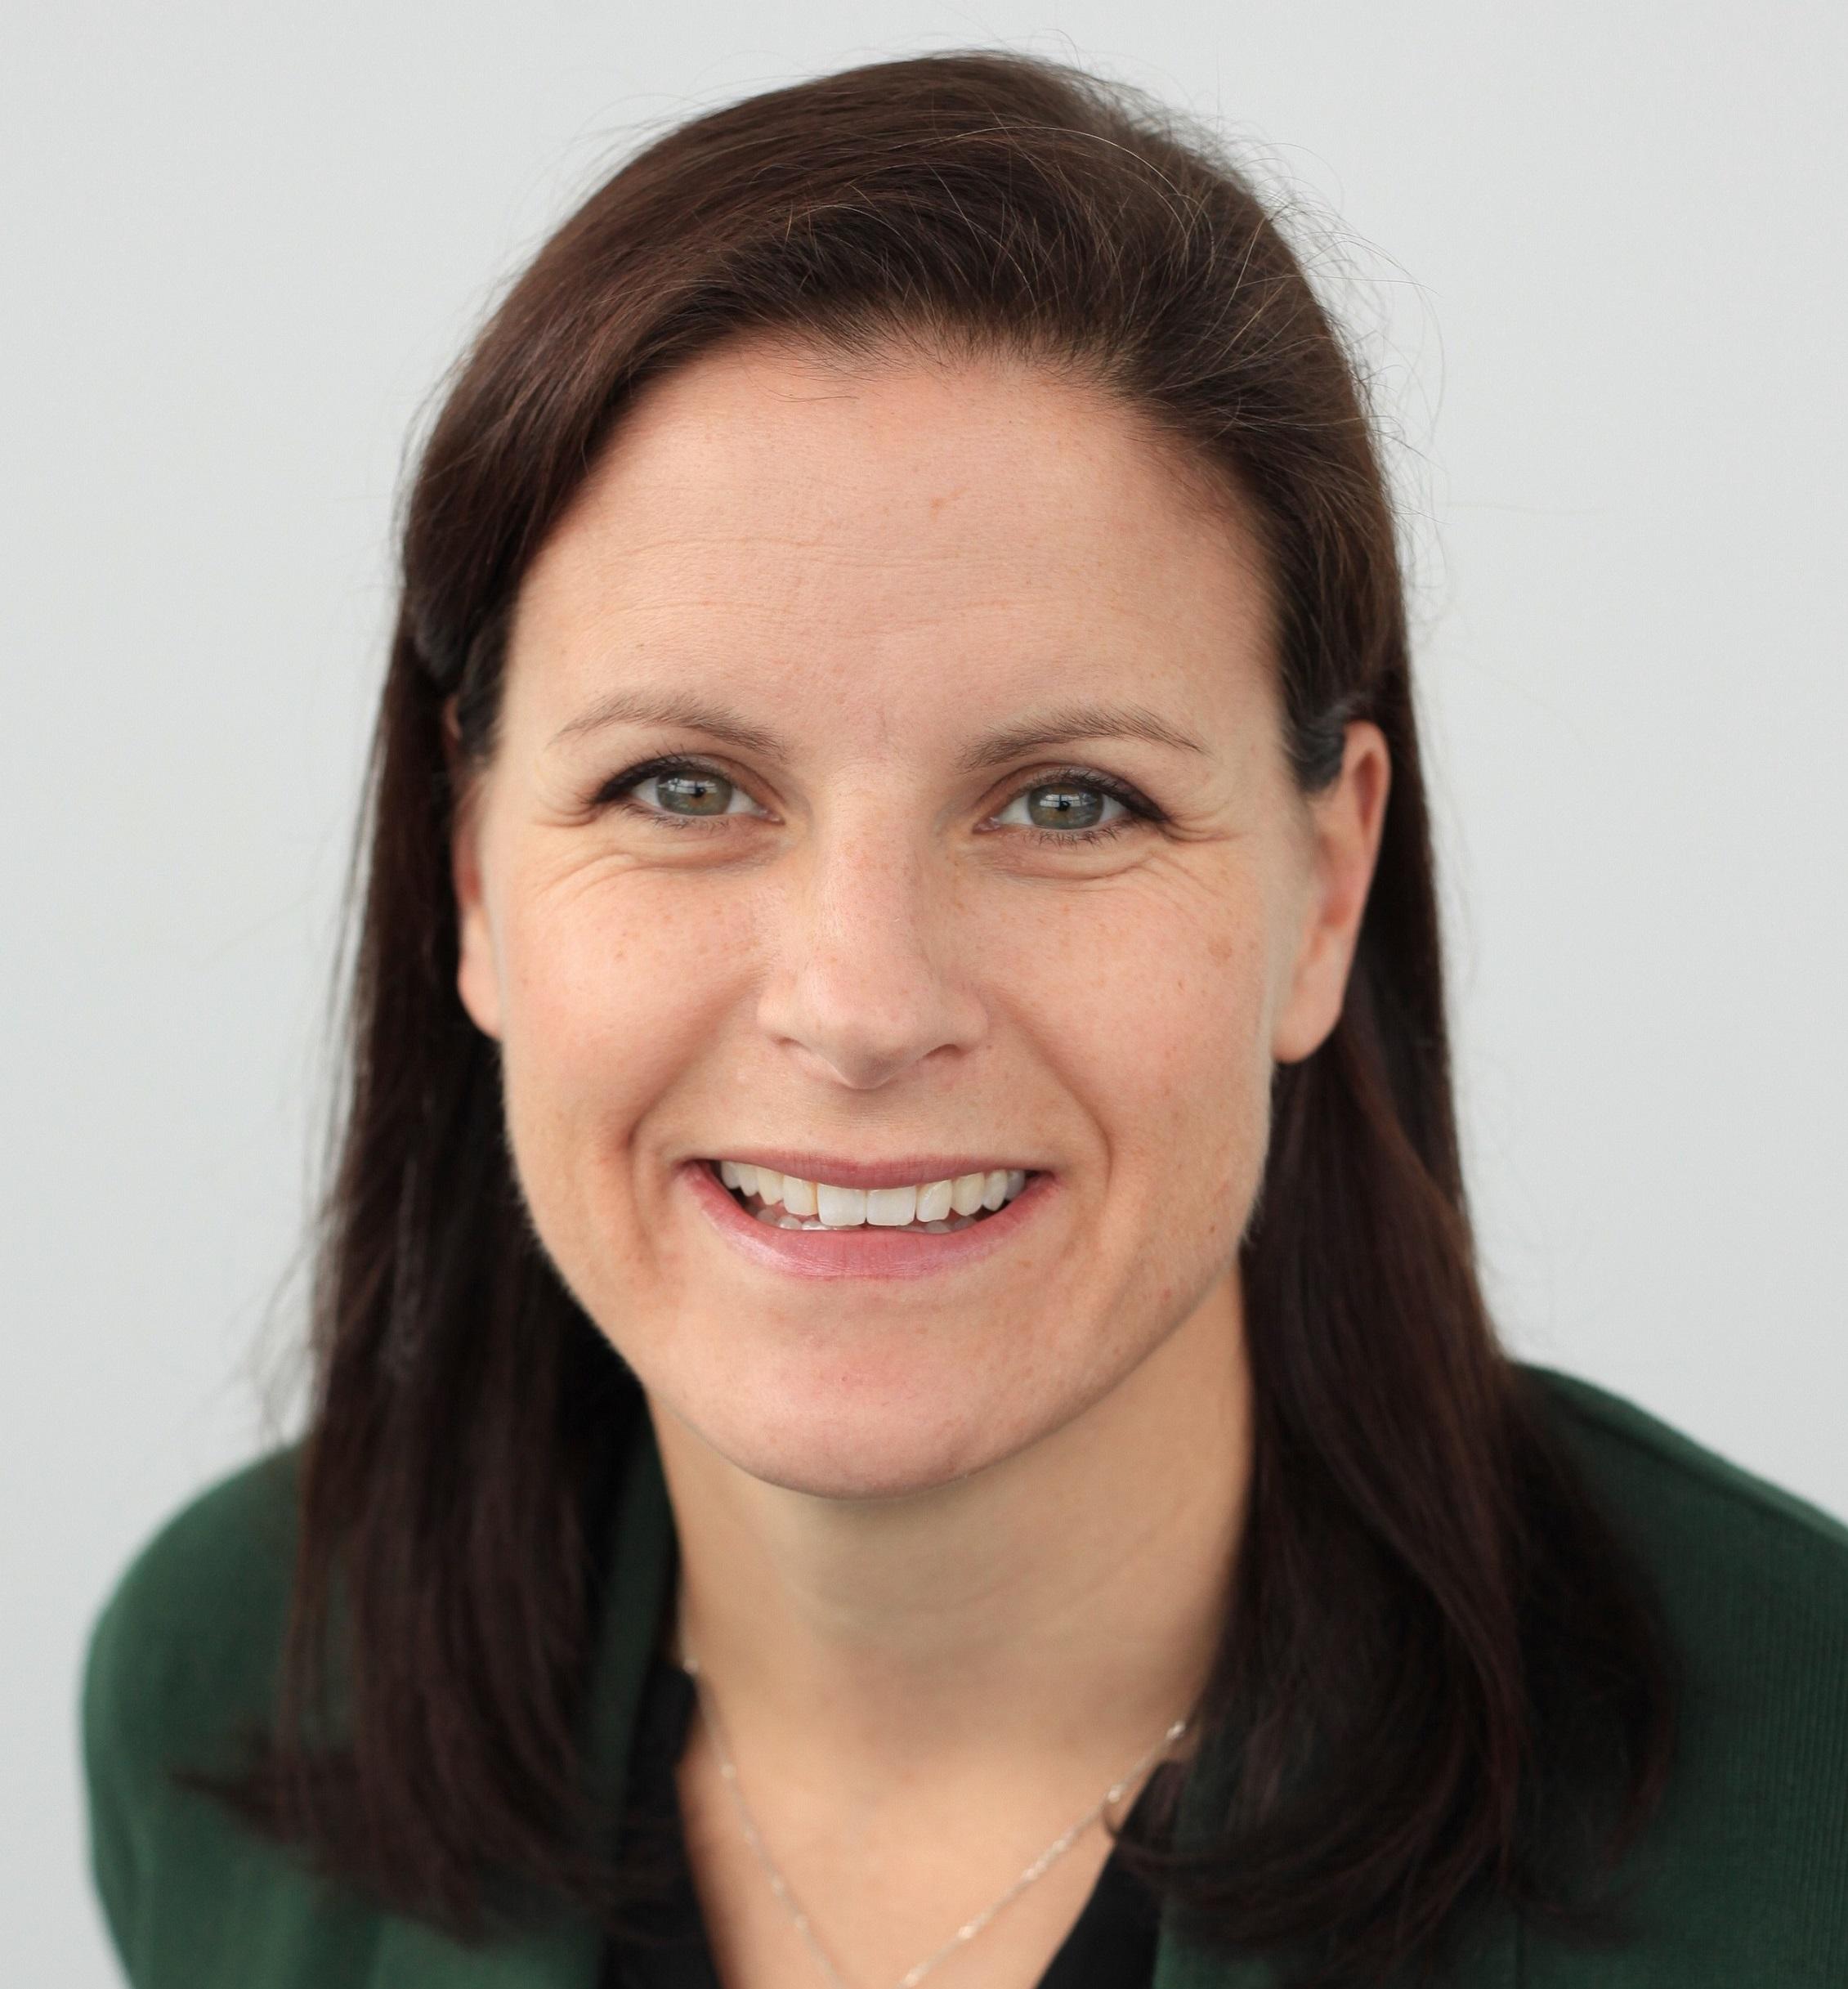 Kate Schendel